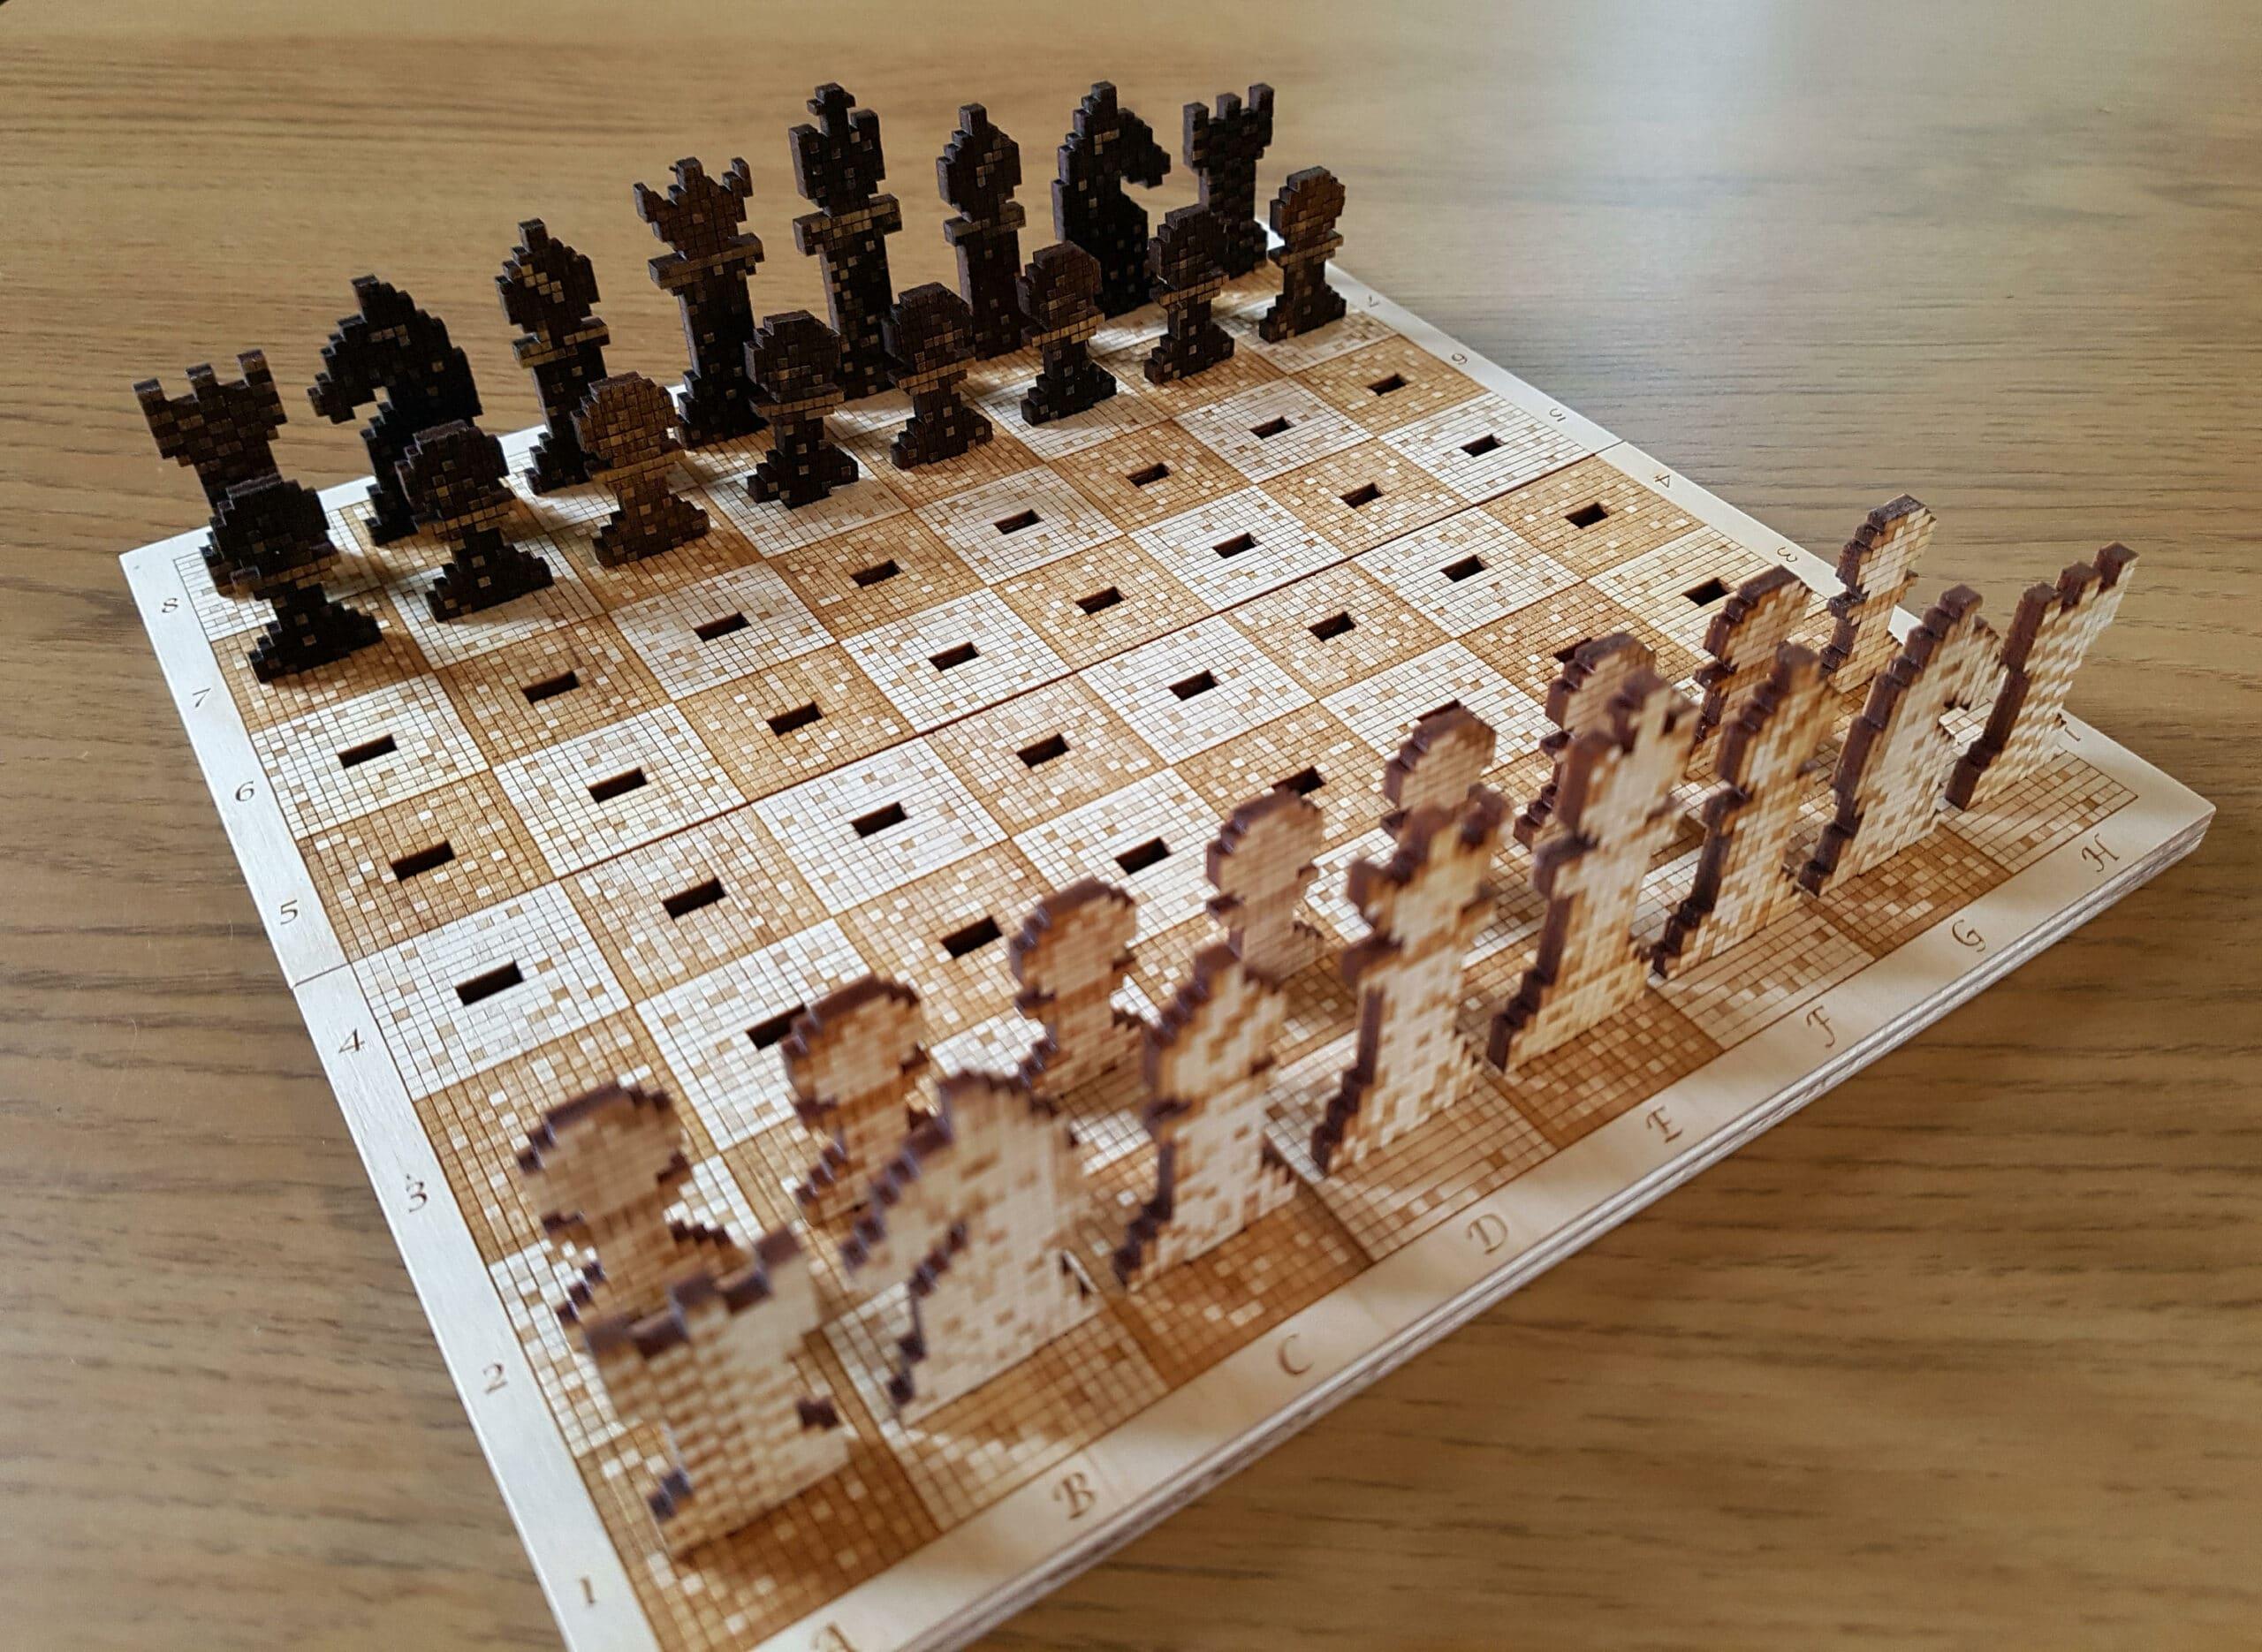 Das ist mal ein ungewöhnliches Schachspiel. (Foto: Etsy)